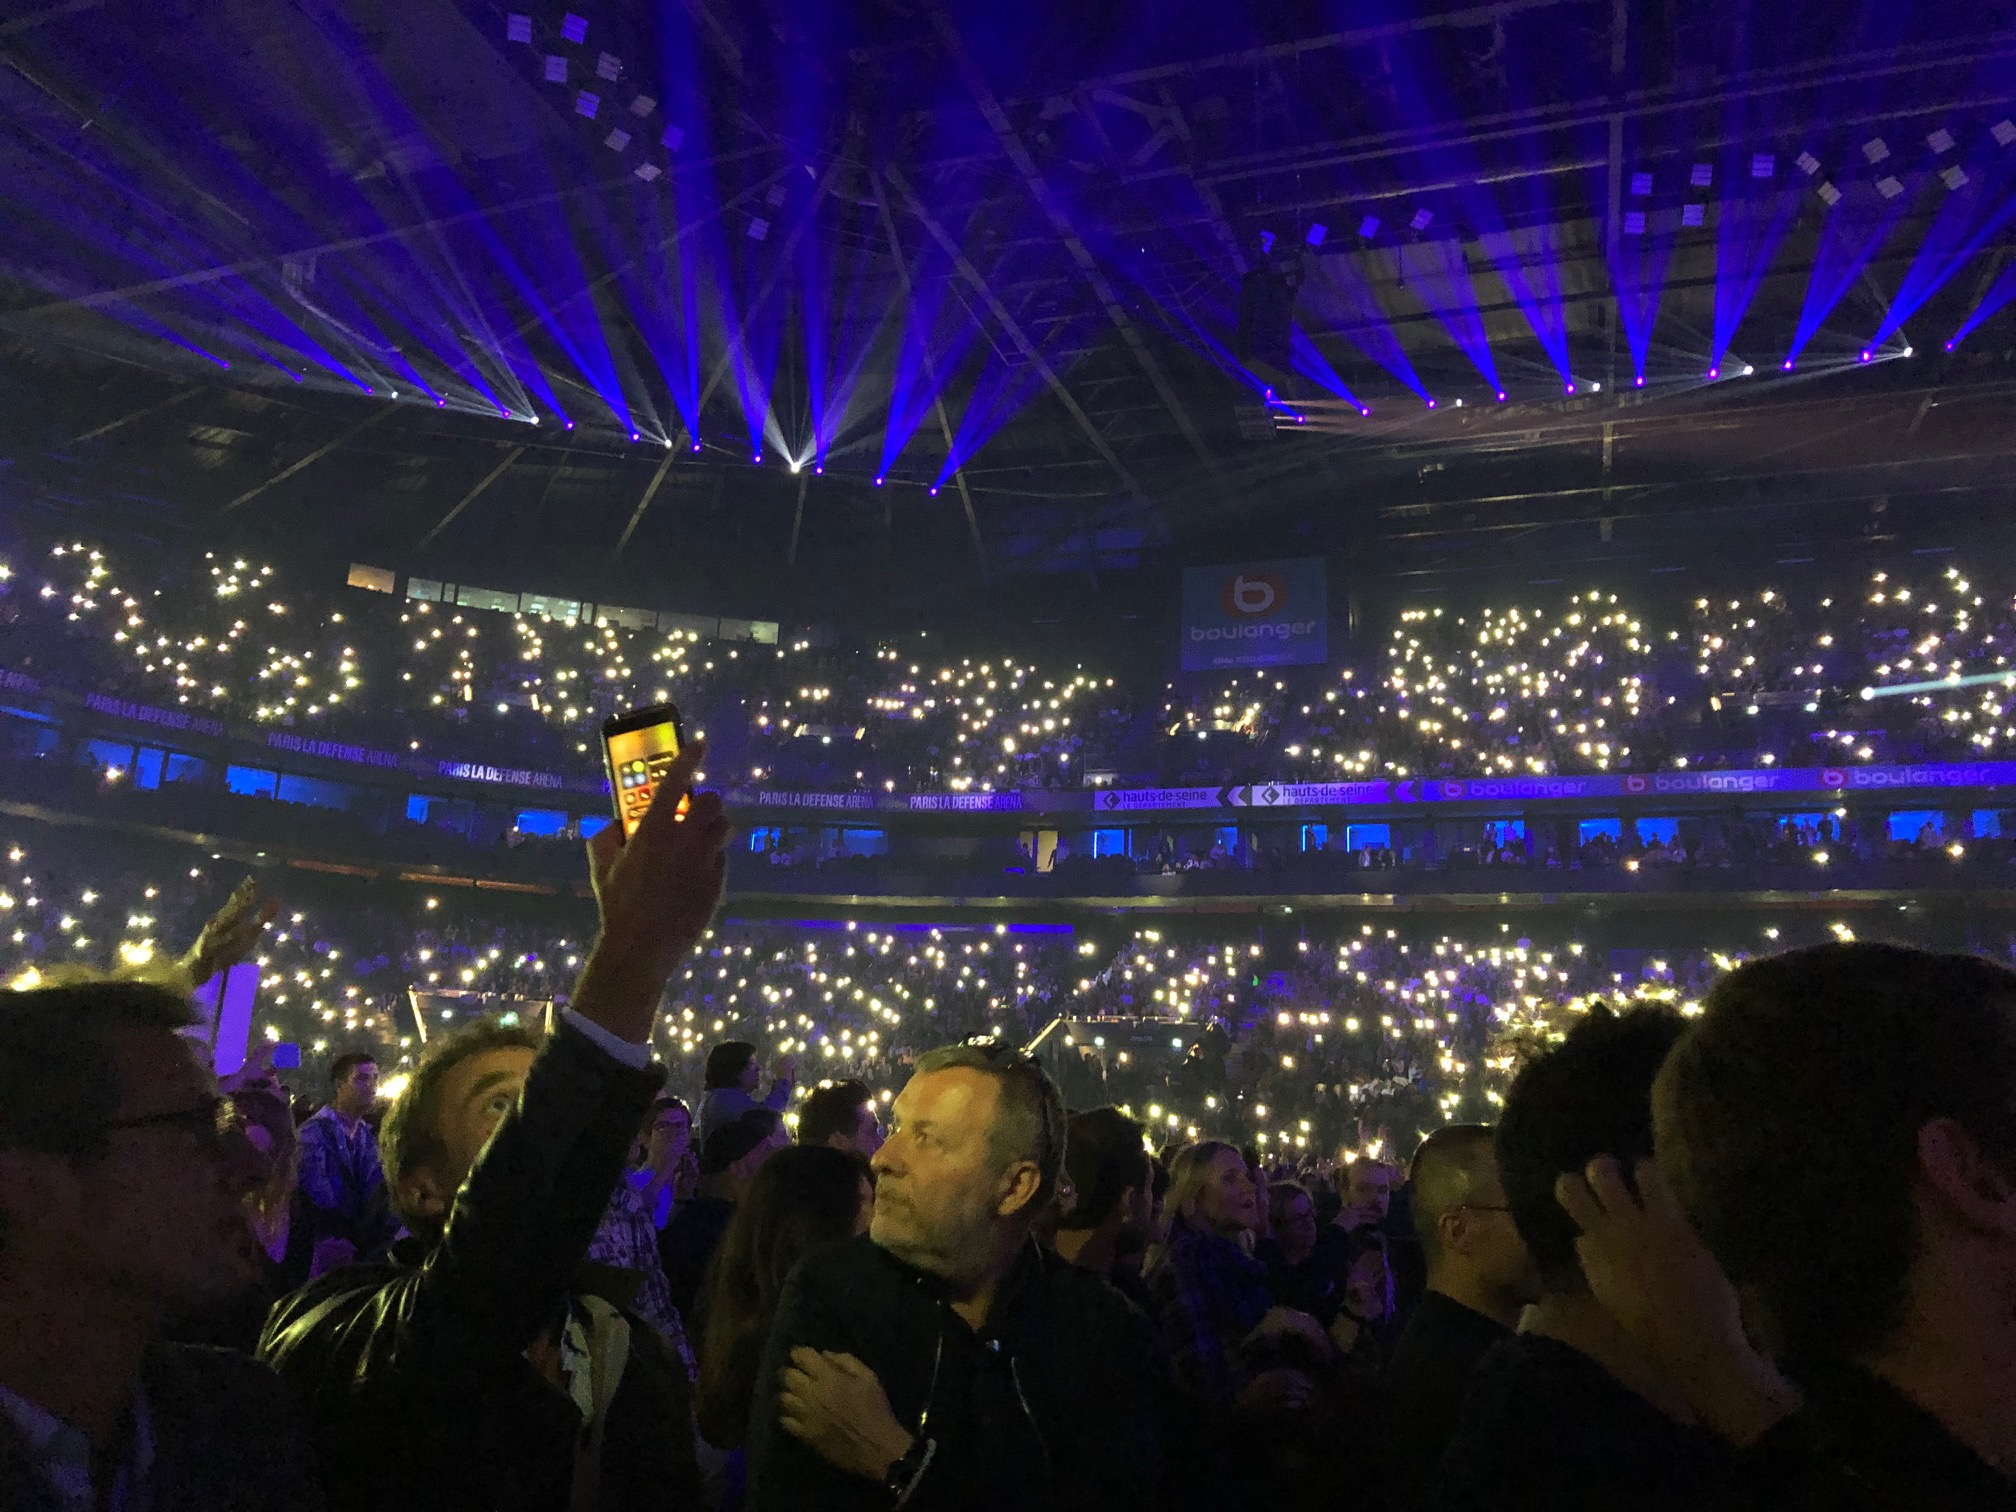 フランスの歌姫、ミレーヌ・ファルメール2019コンサートはじまる!